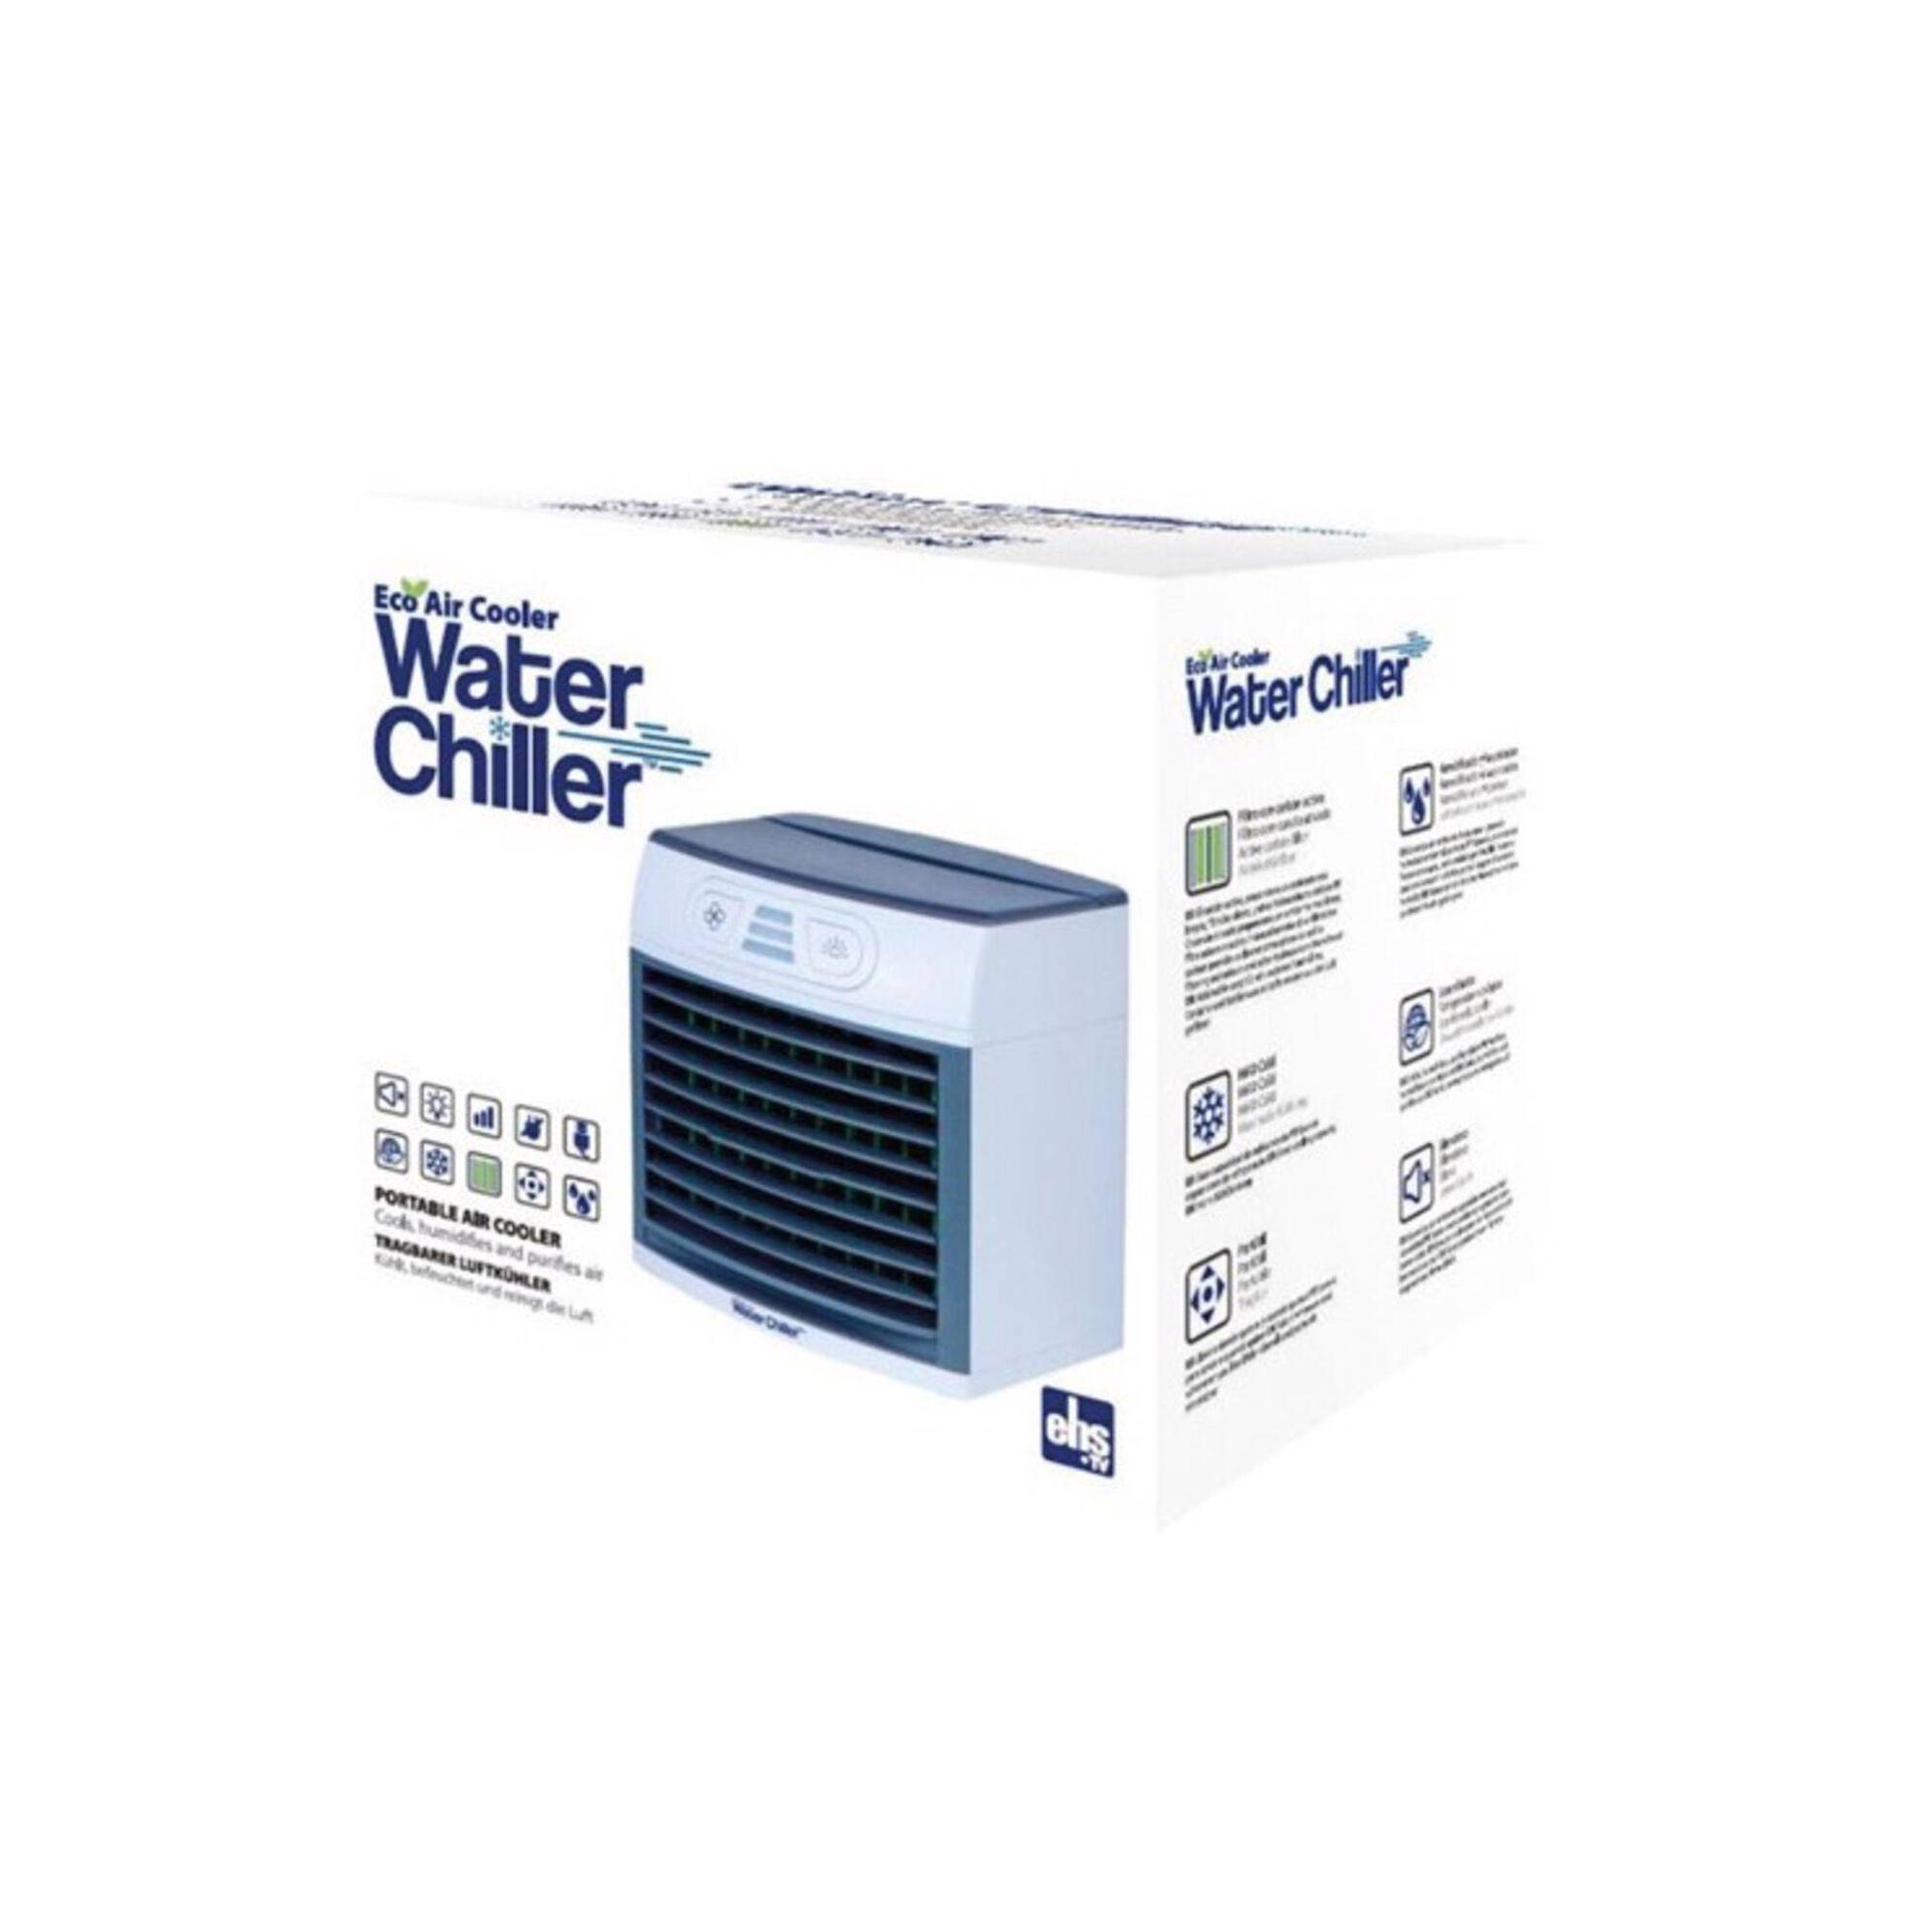 Climatizador 7,5W Water Chiller Eco